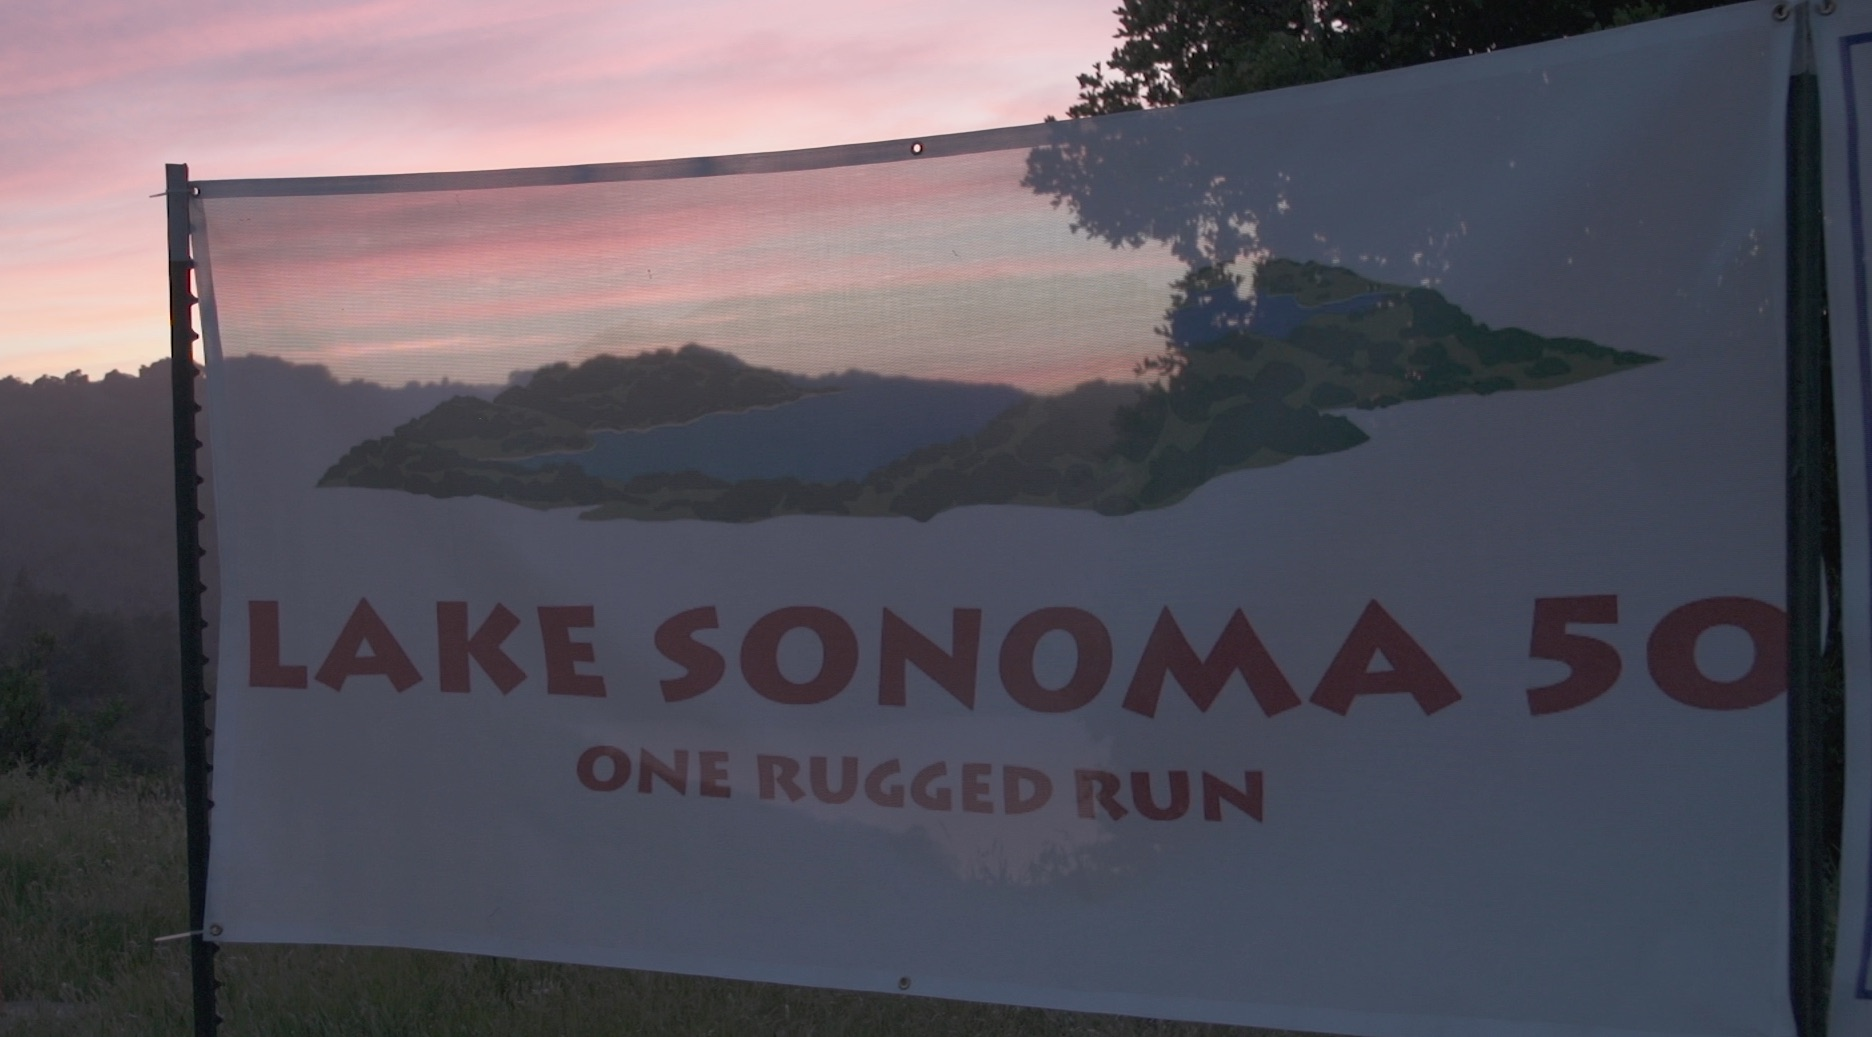 Lake Sonoma 50 2014